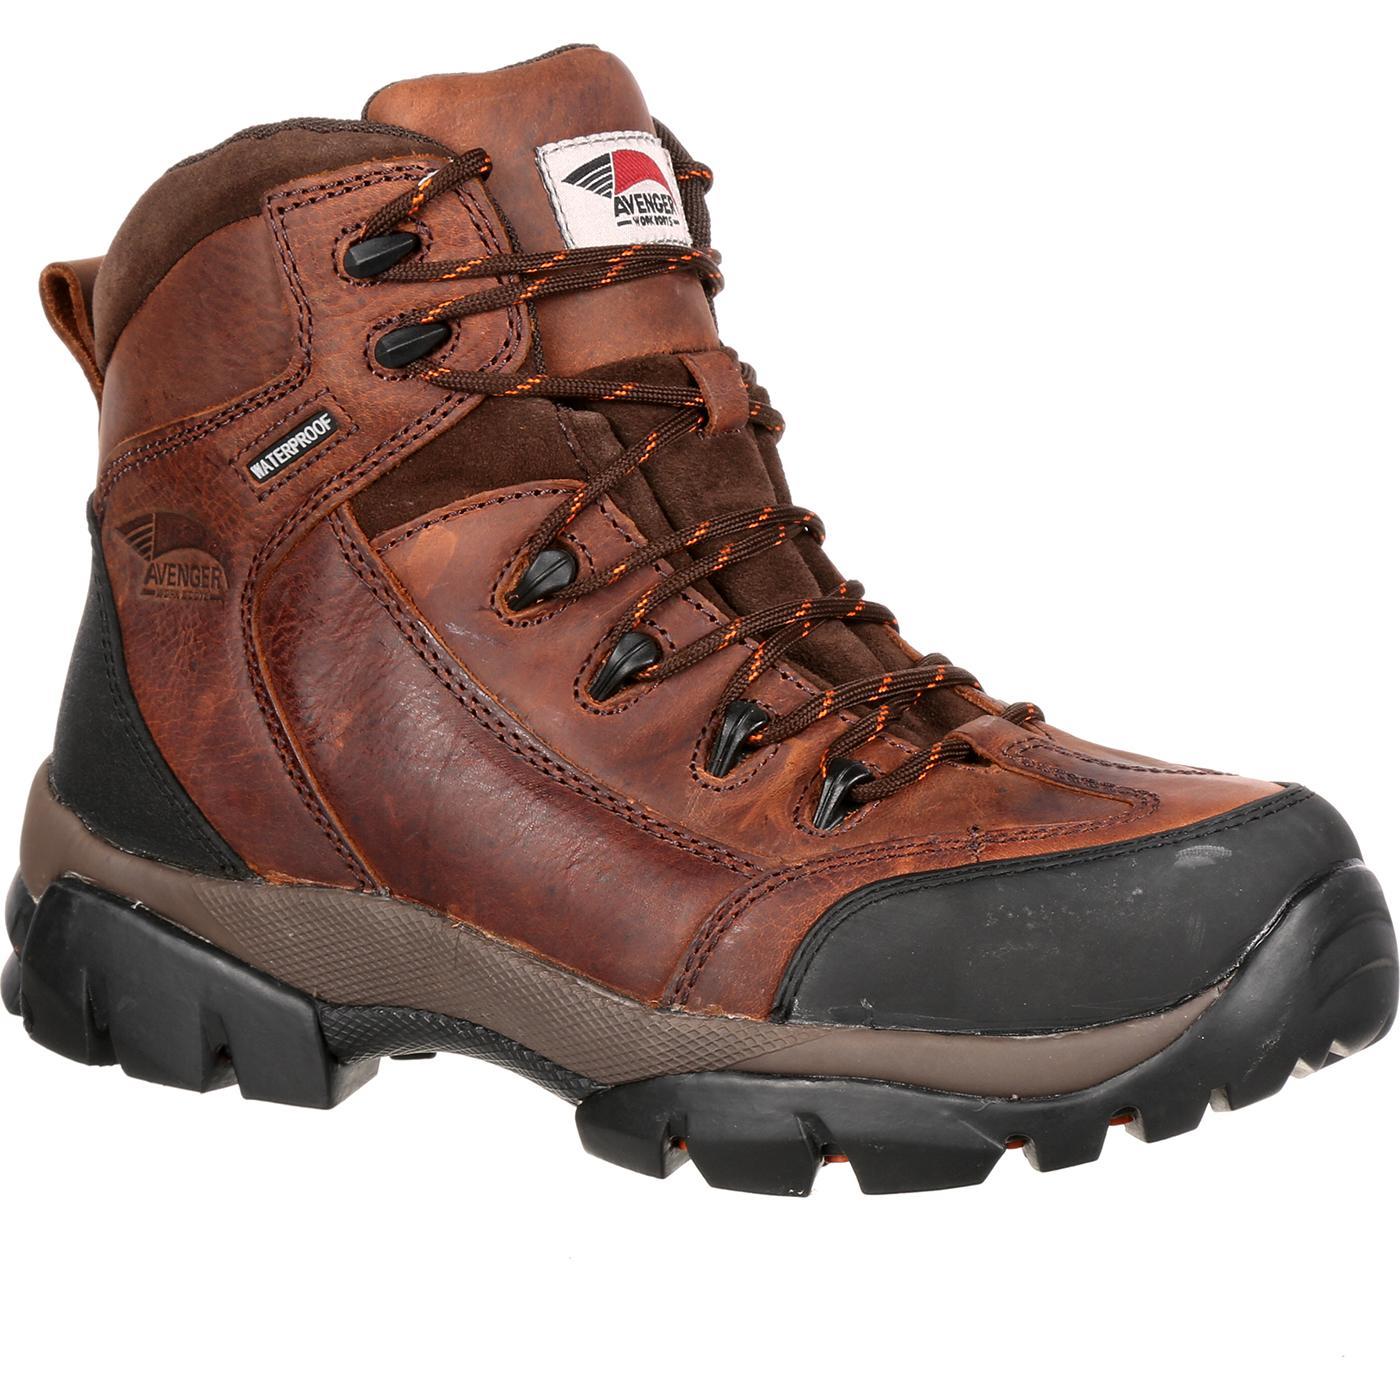 4299d4df5a4 Avenger Composite Toe Waterproof Work Hiker